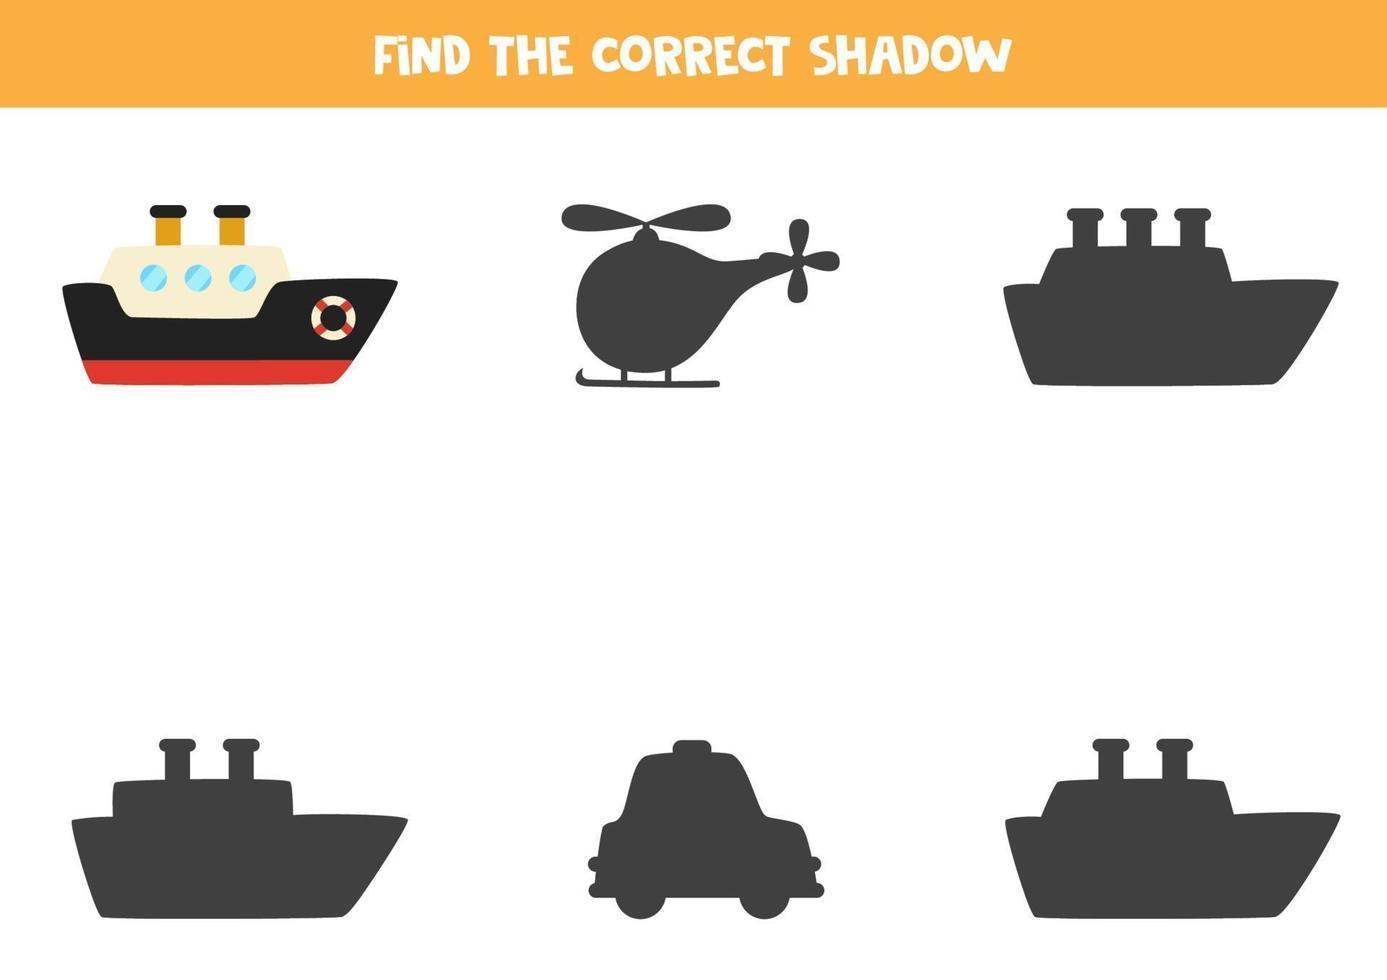 vind de juiste schaduw van het schip. logische puzzel voor kinderen. vector